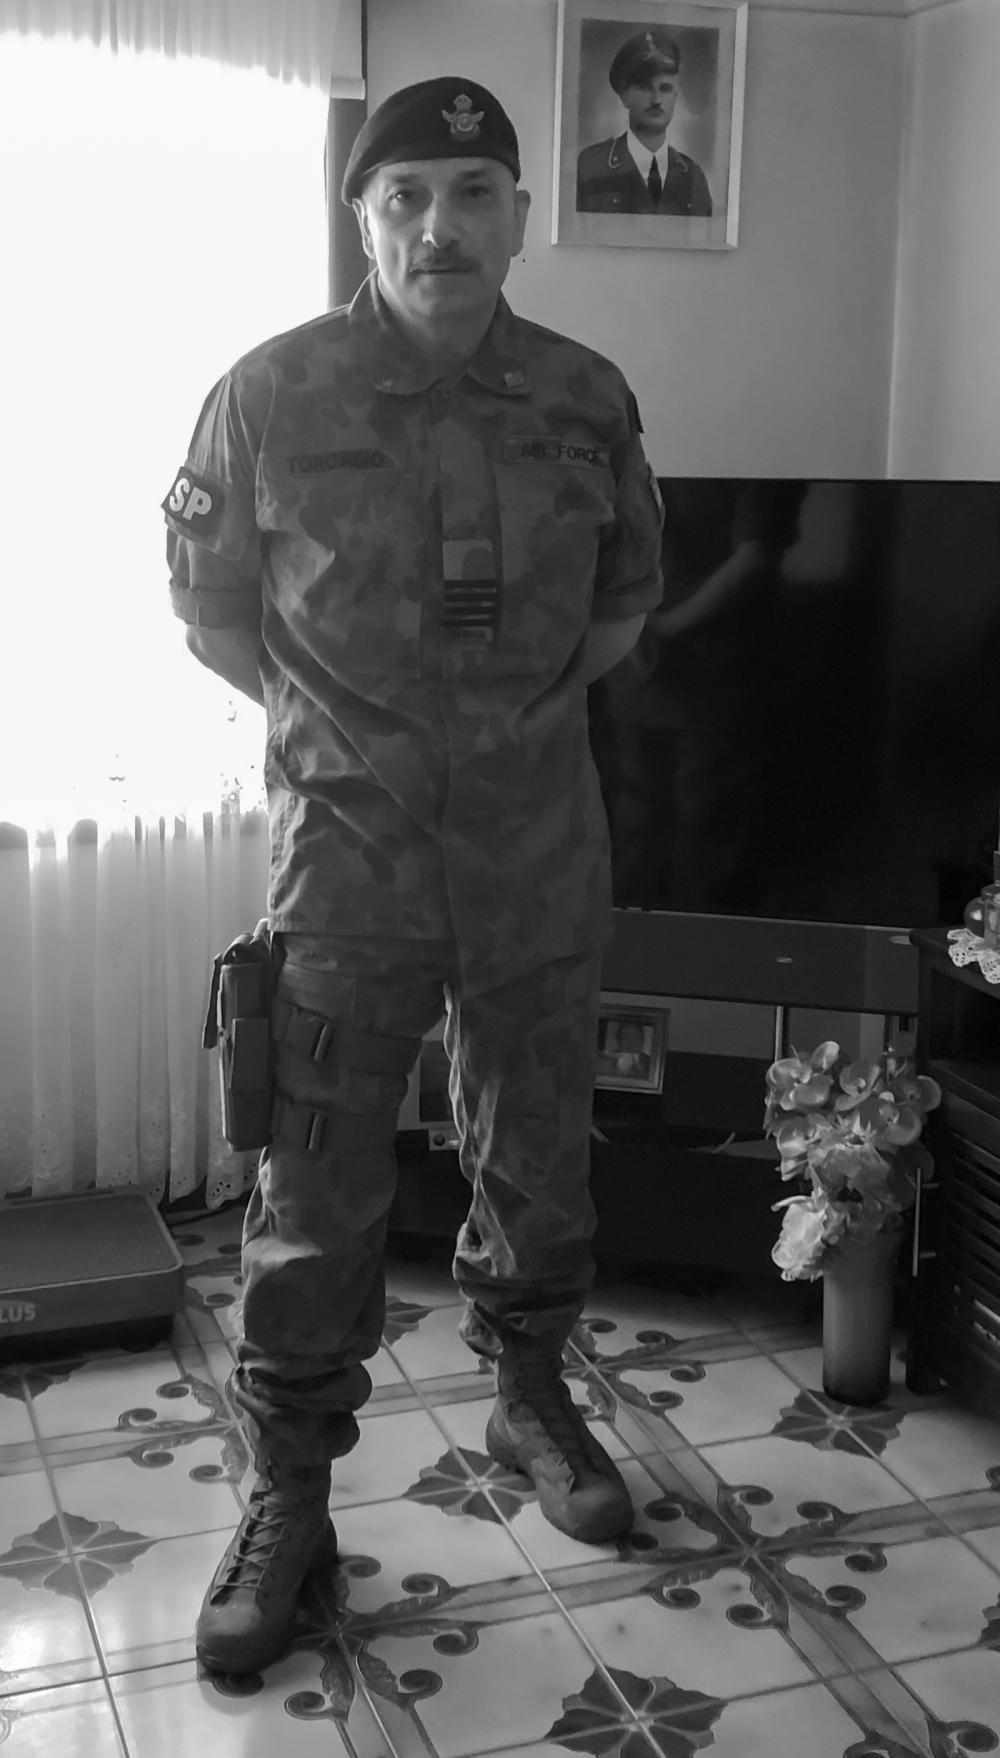 John Torcasio: Wearing DPCU Uniform